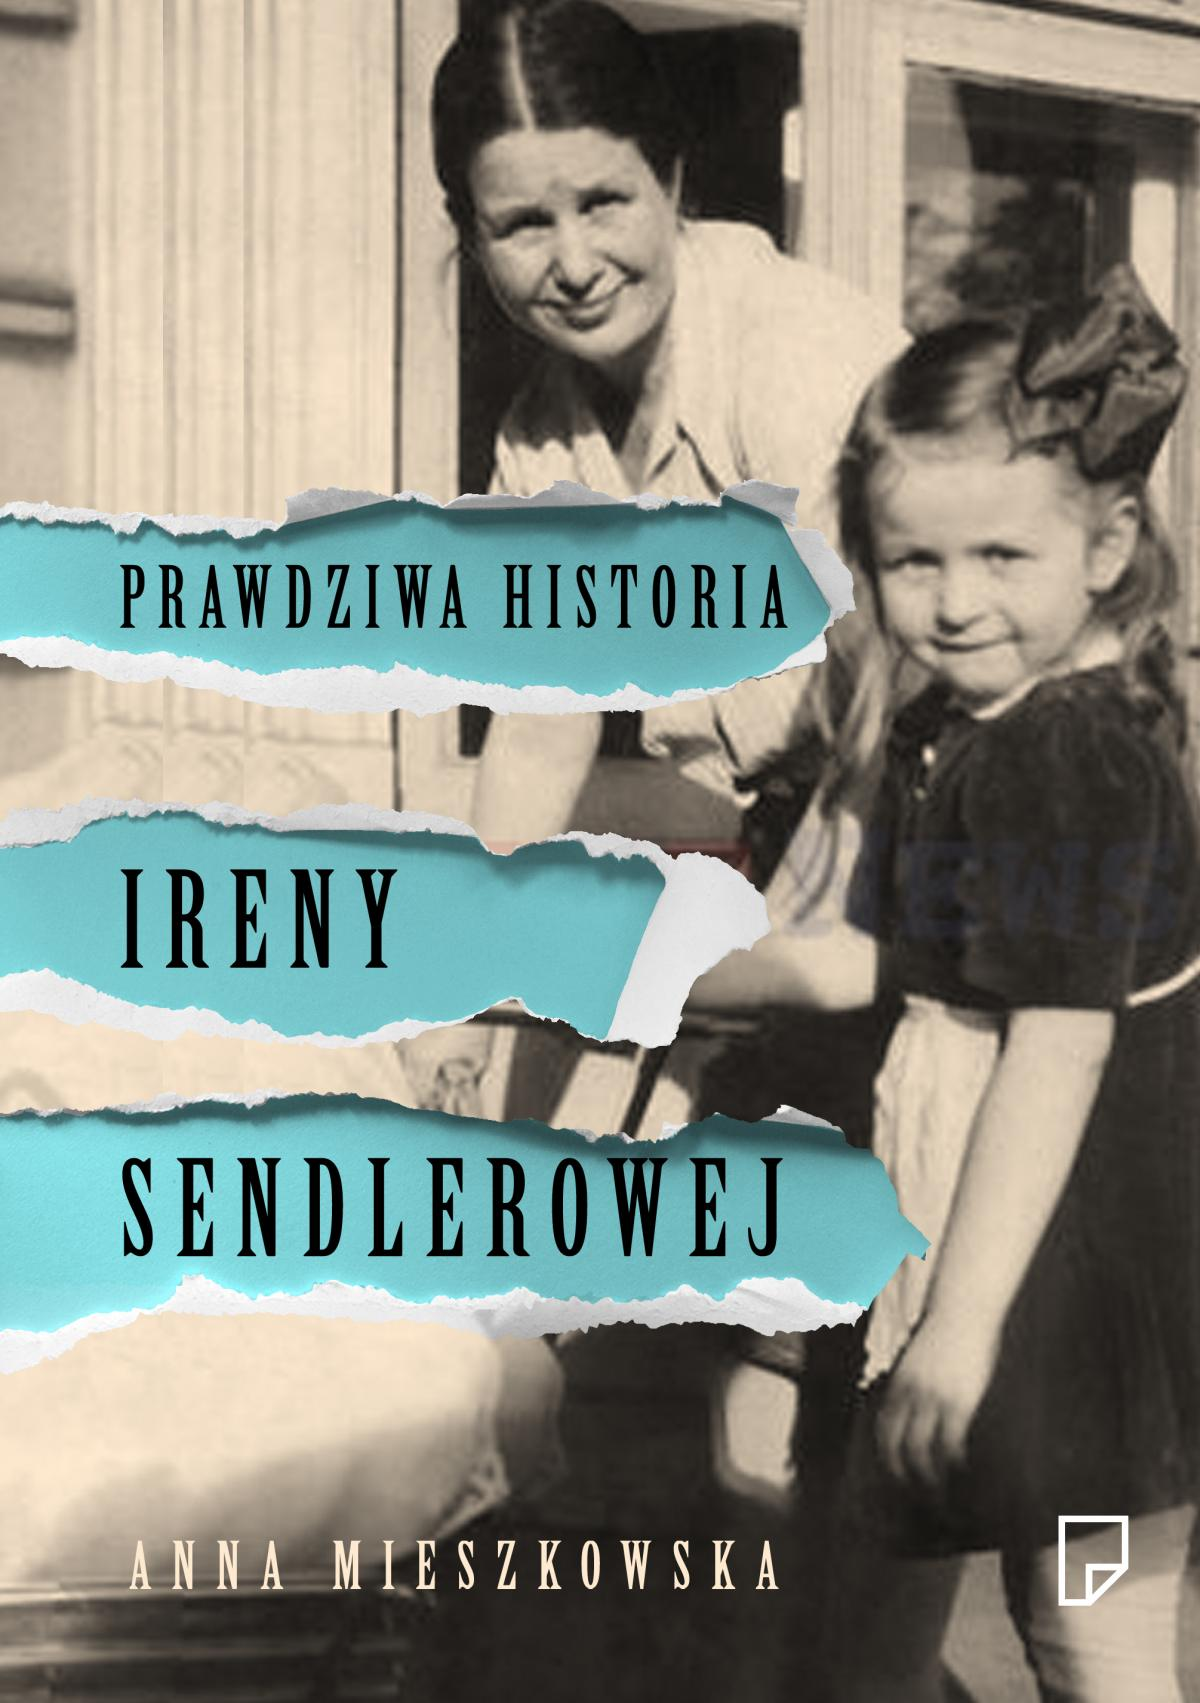 Prawdziwa historia Ireny Sendlerowej - Ebook (Książka EPUB) do pobrania w formacie EPUB